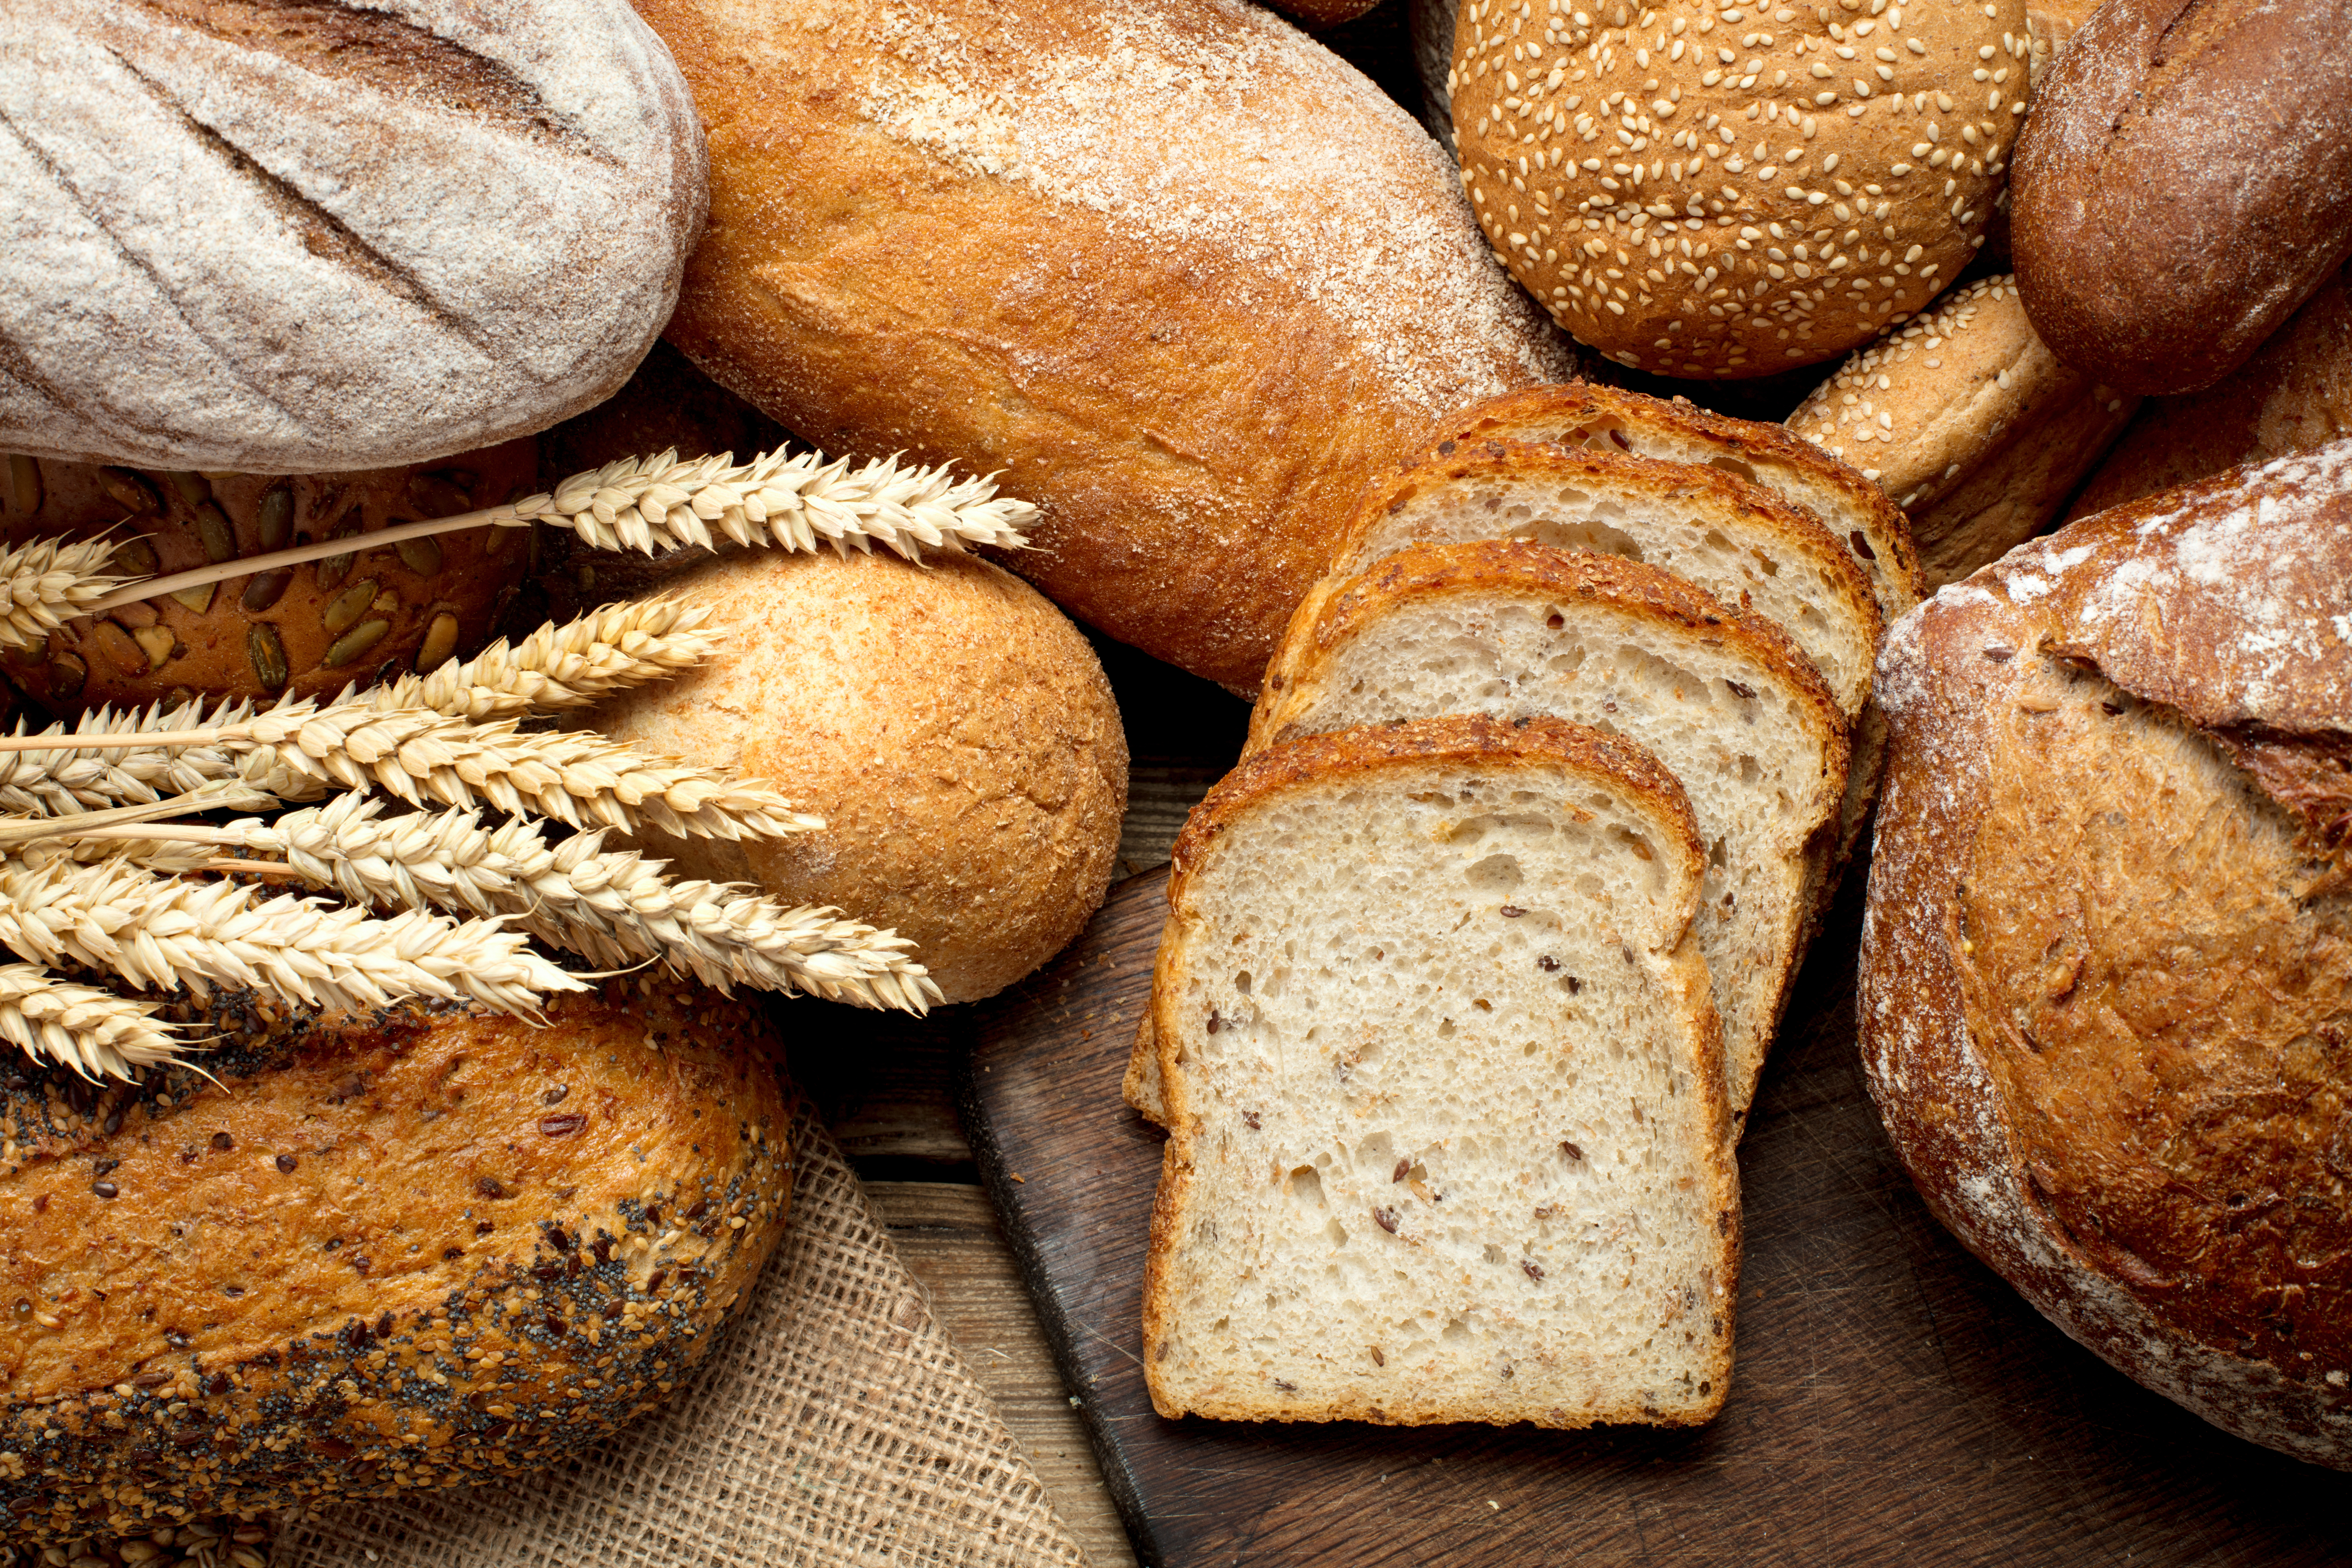 <p><strong>4.Хляб&nbsp;</strong><br /> Всички дългоочаквани гости в повечето православни страни са посрещани с хляб, сол или мед. Именно хлябът символизира благосъстоянието на семейството. Затова дори изсъхналите филии и трохите се препоръчва да се дават на птици или животни.&nbsp;</p>